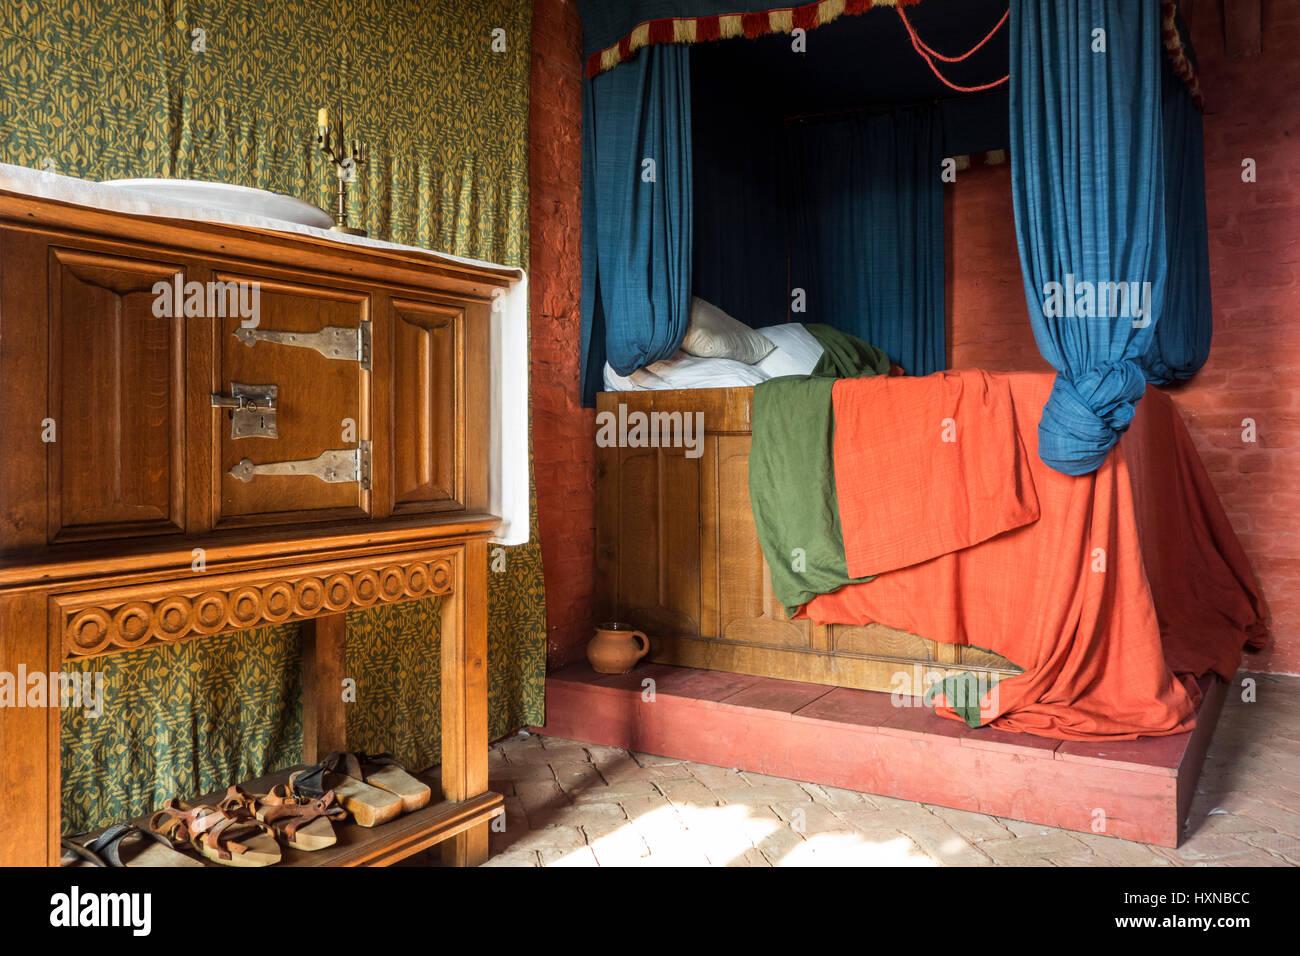 Camere Da Letto Medievali : Colorate drappeggiate medievale letto letto con le tende in